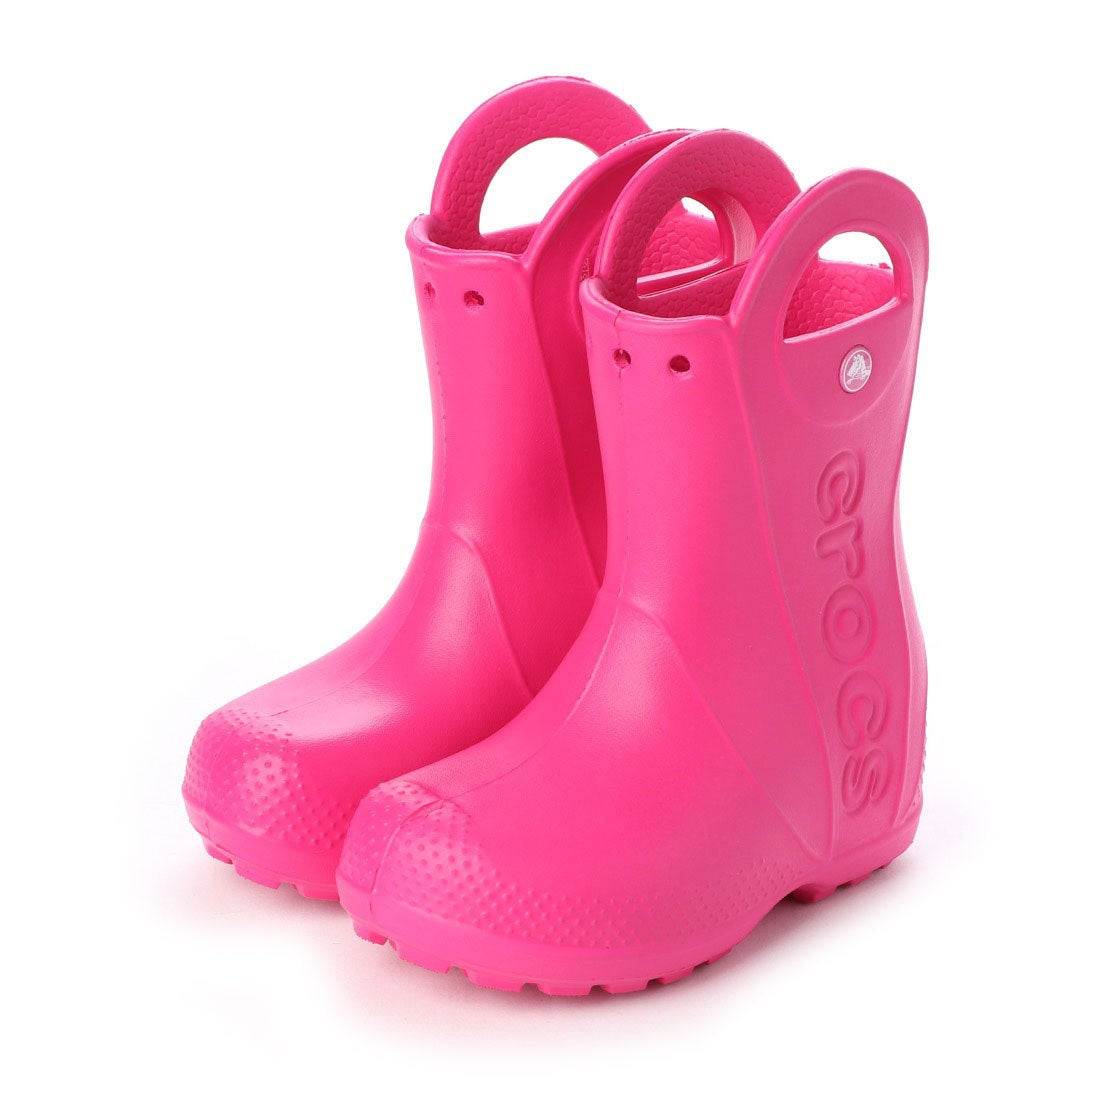 7fc806789af9e クロックス crocs 12803 ハンドルイット キッズ レインブーツ (キャンディピンク) -靴&ファッション通販 ロコンド〜自宅で試着、気軽に返品